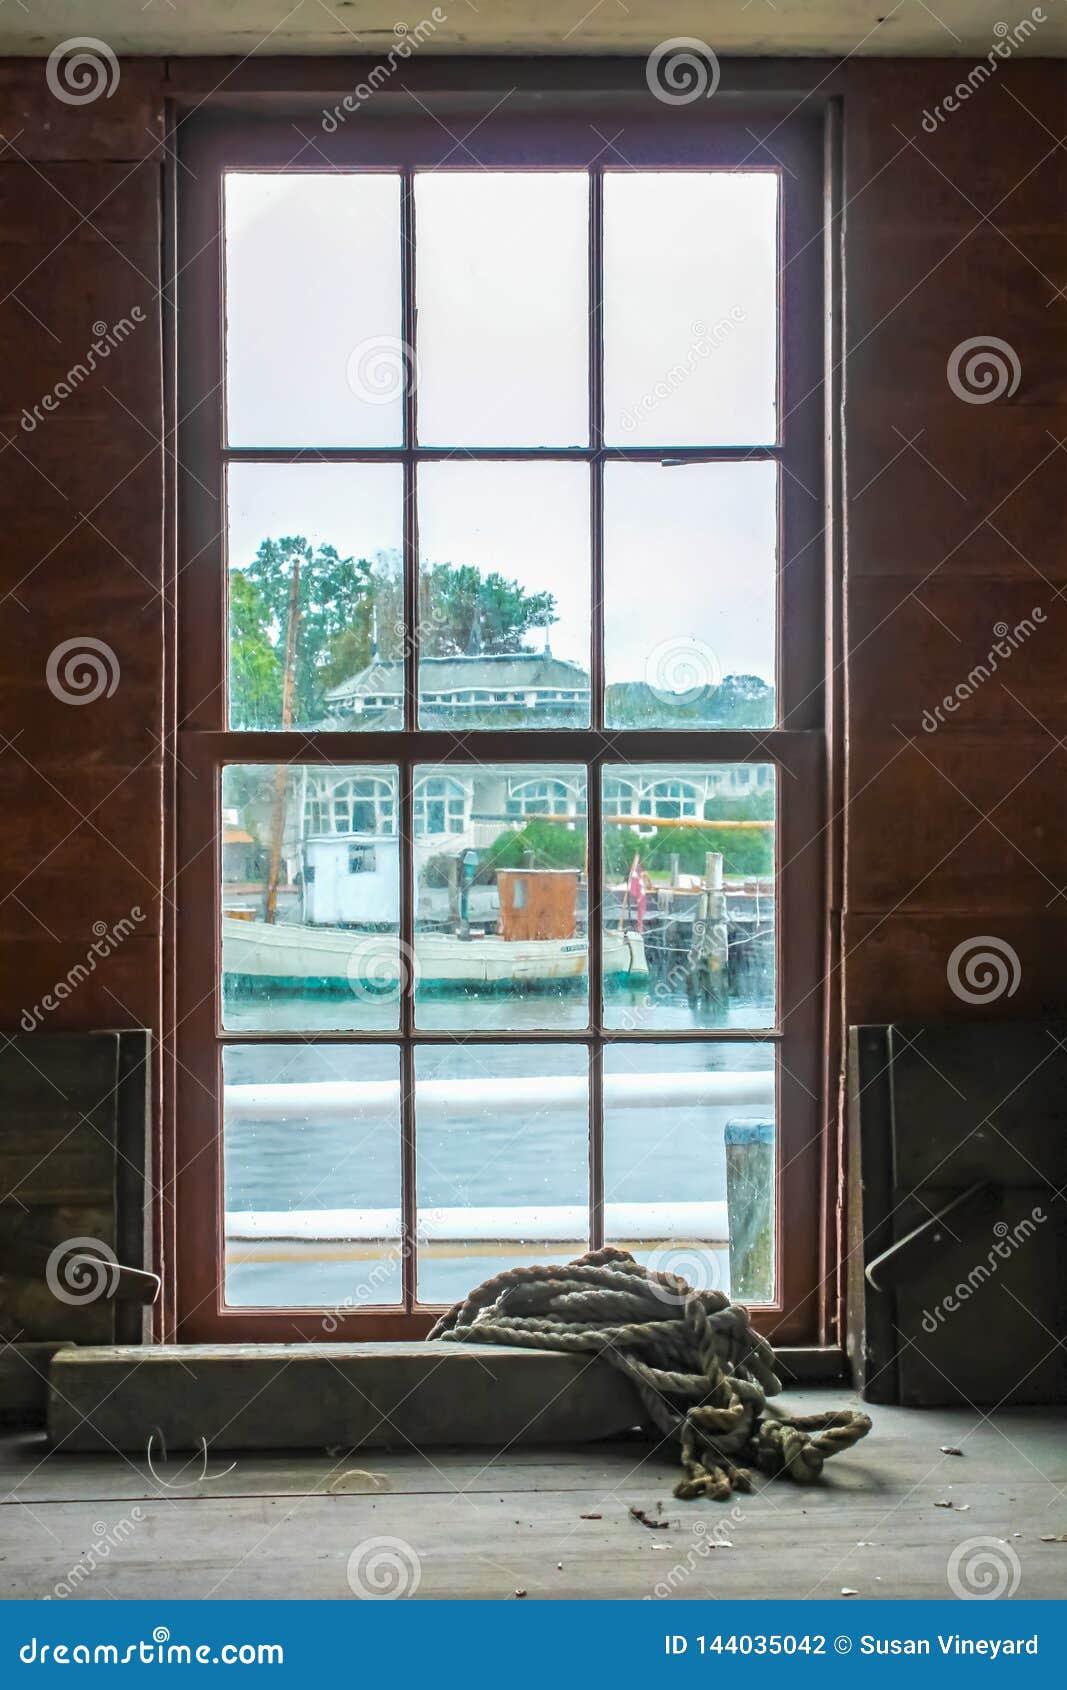 Βρώμικος βρώμικος άποψης έξω το παράθυρο τη βροχερή ημέρα από το κτήριο εργαστηρίων με το σχοινί βάζοντας σε ένα ράφι σε άλλα κτή